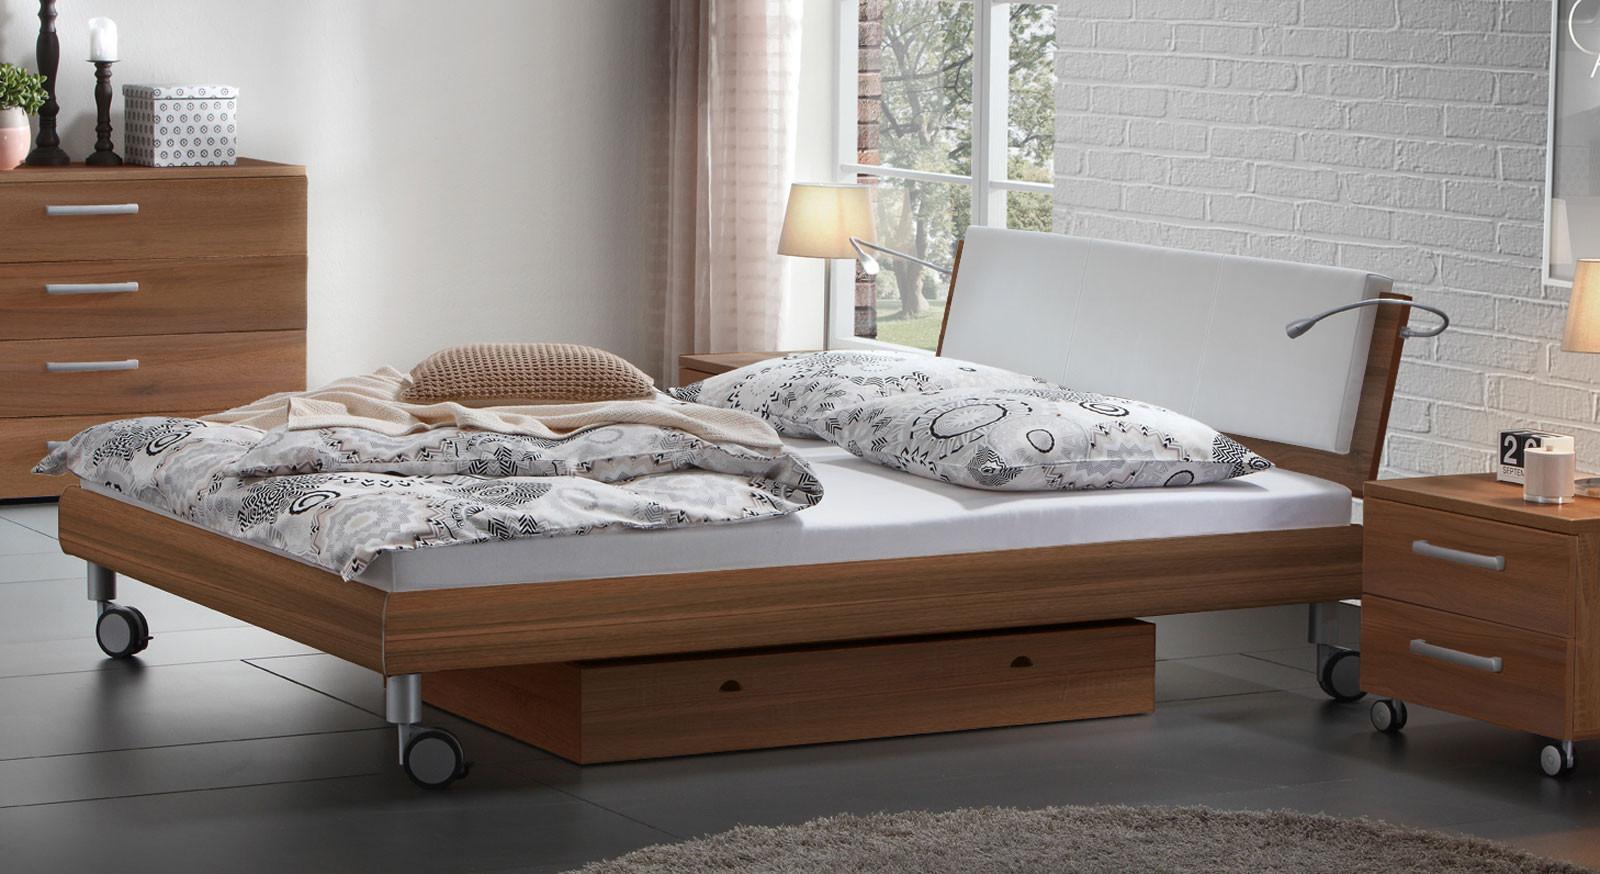 Bett Mit Rollen  Doppelbett in Holzdekor mit Rollen Antia